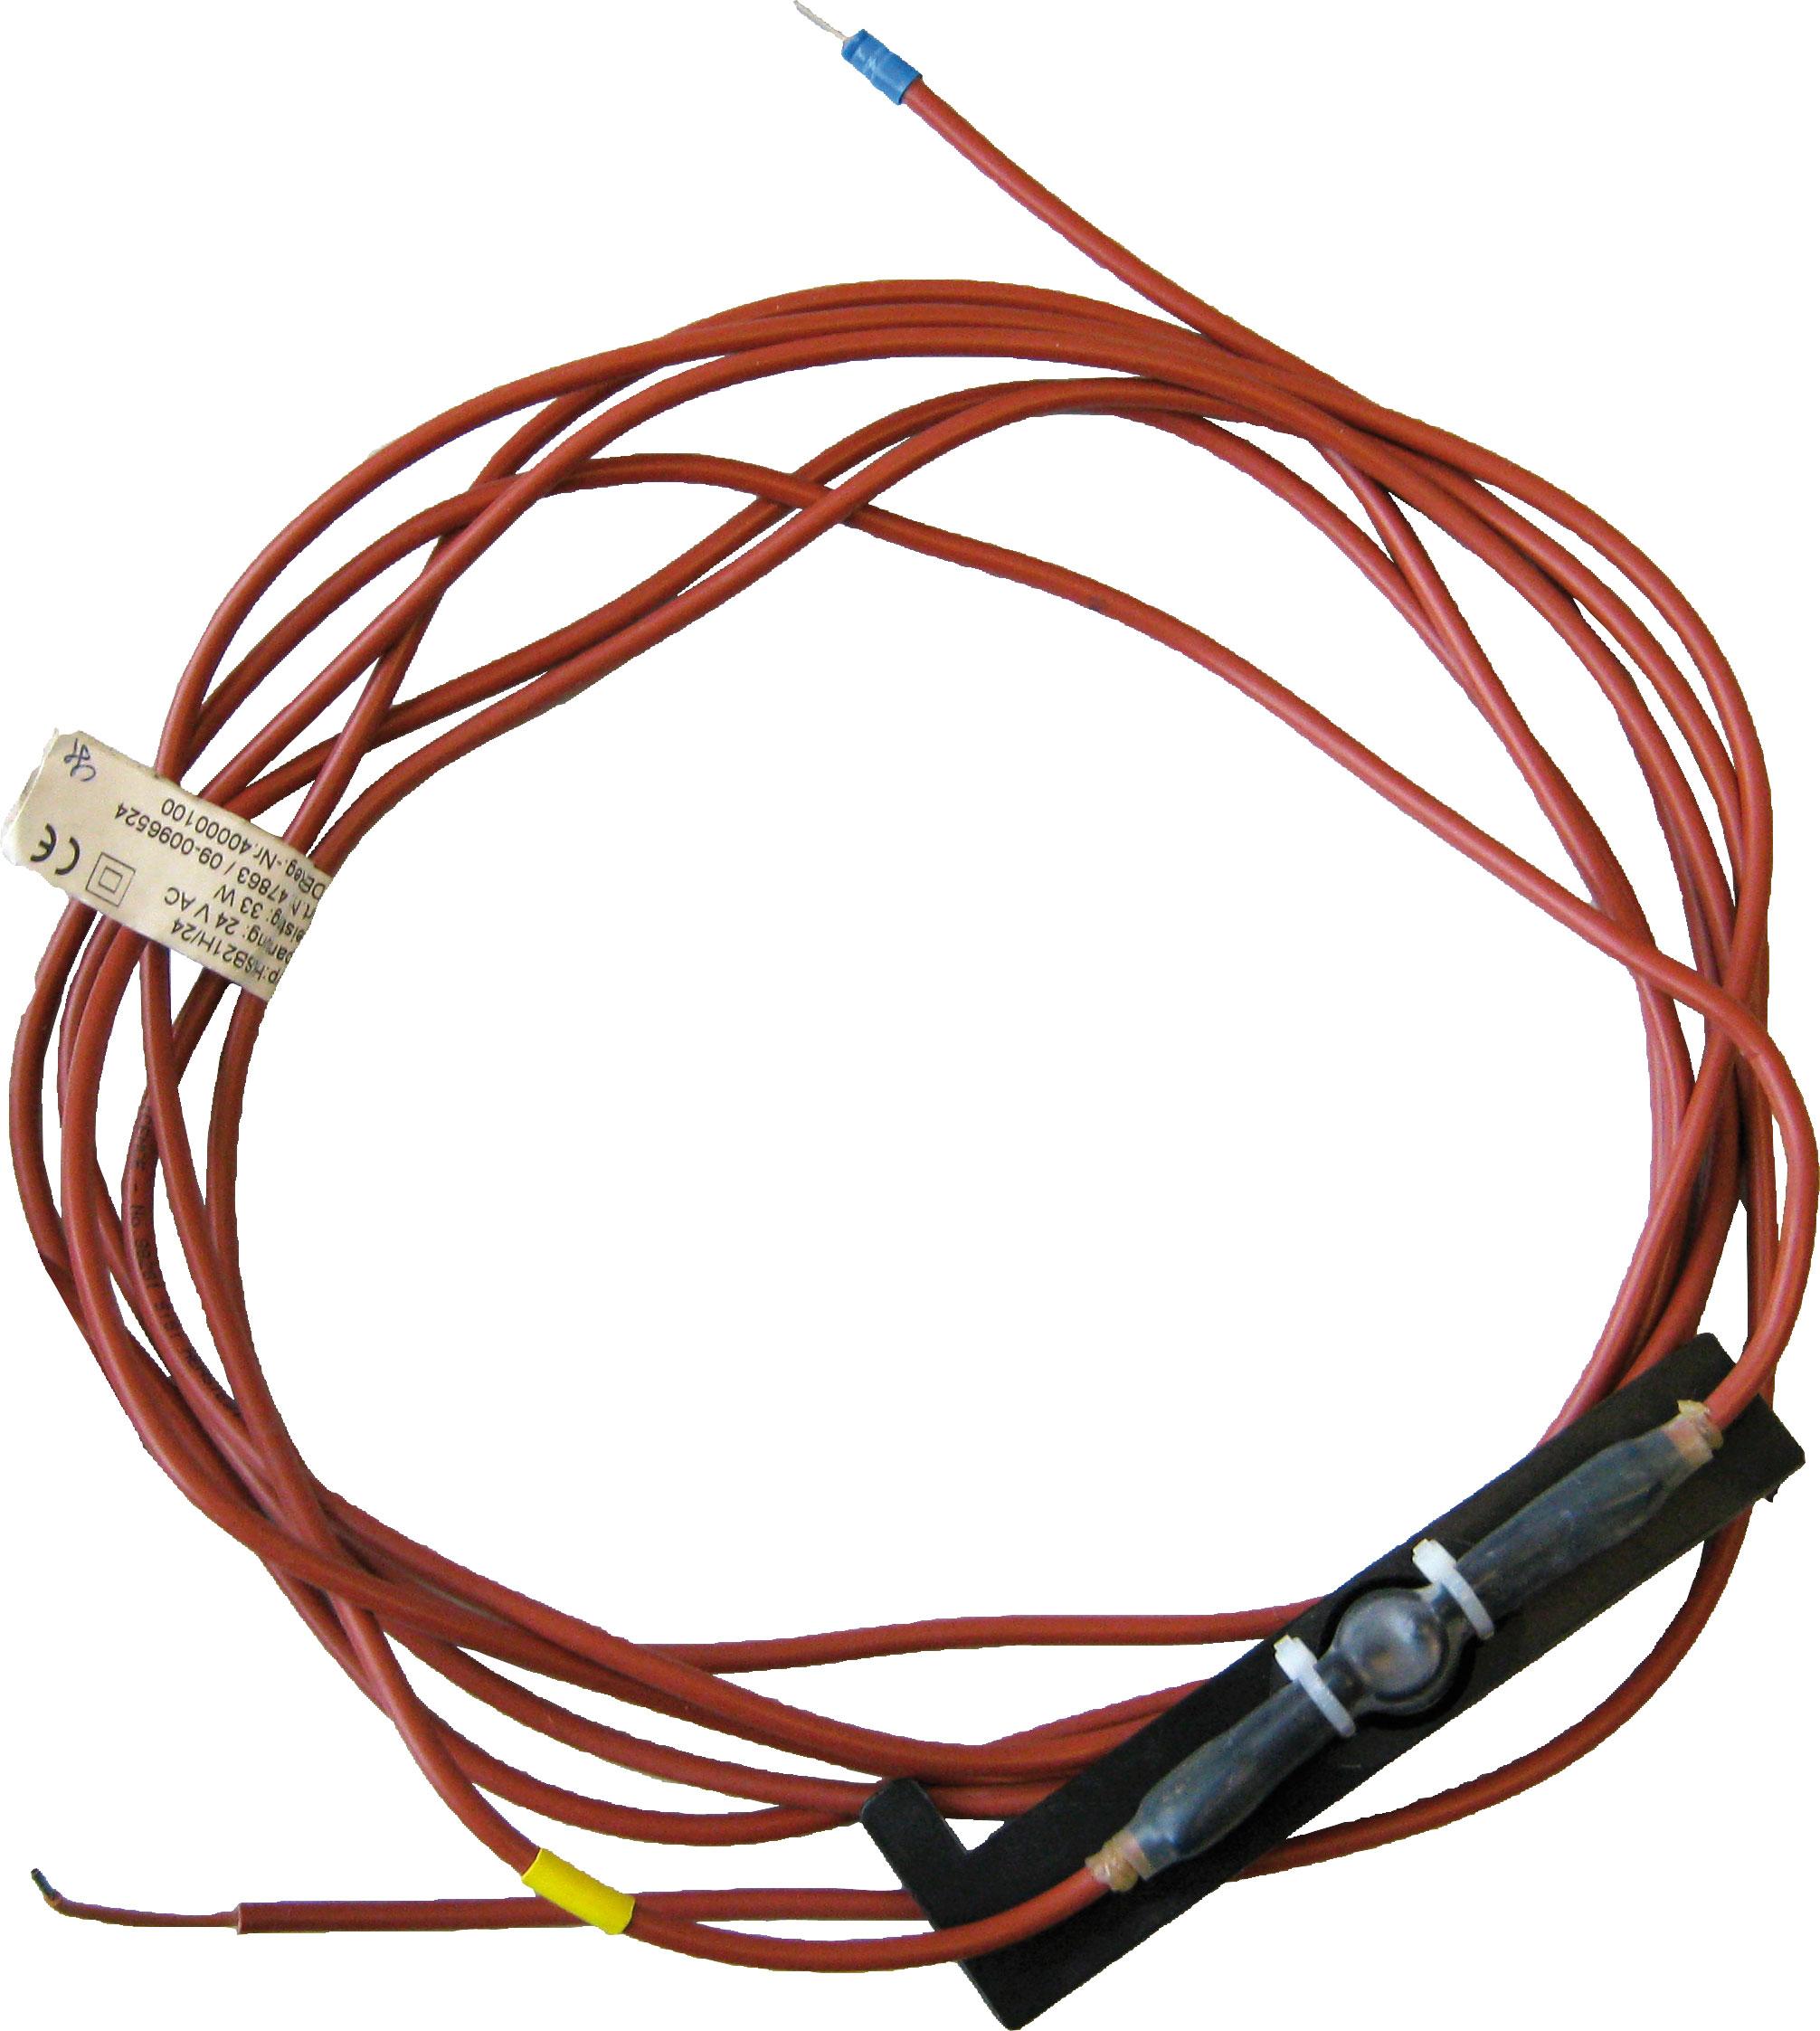 Heizkabel SB 2 / 24 Volt / 33 Watt (Frostschutz bis ca. -20°C) zum Nachrüsten